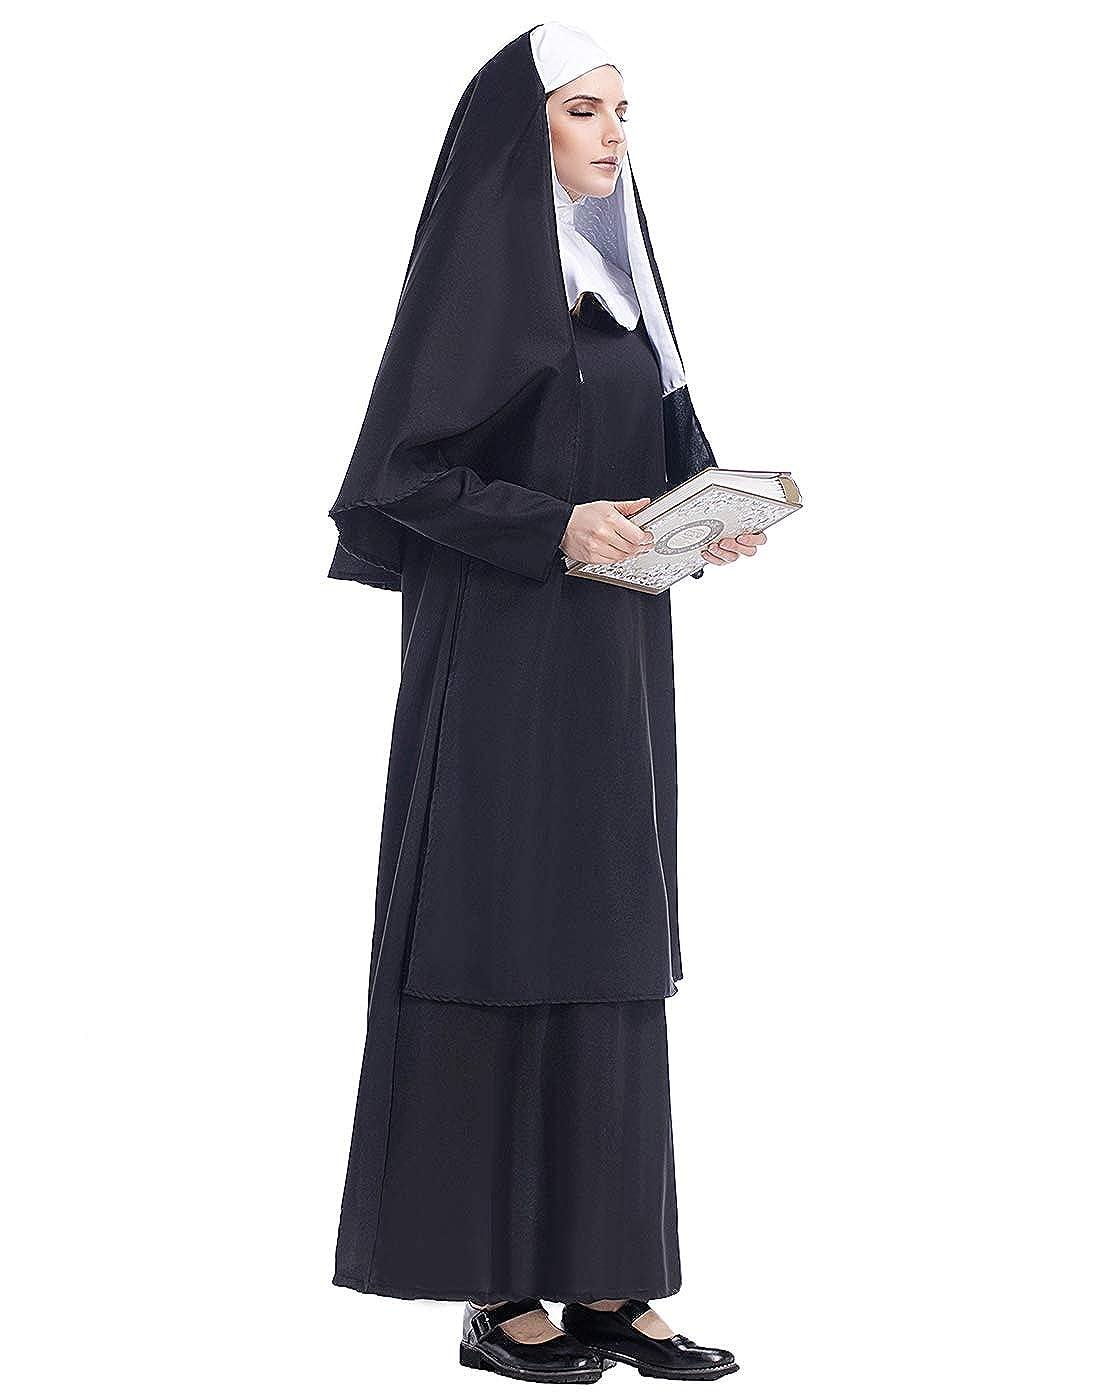 Amazon.com: HDE - Disfraz de mujer para Halloween, vestido ...